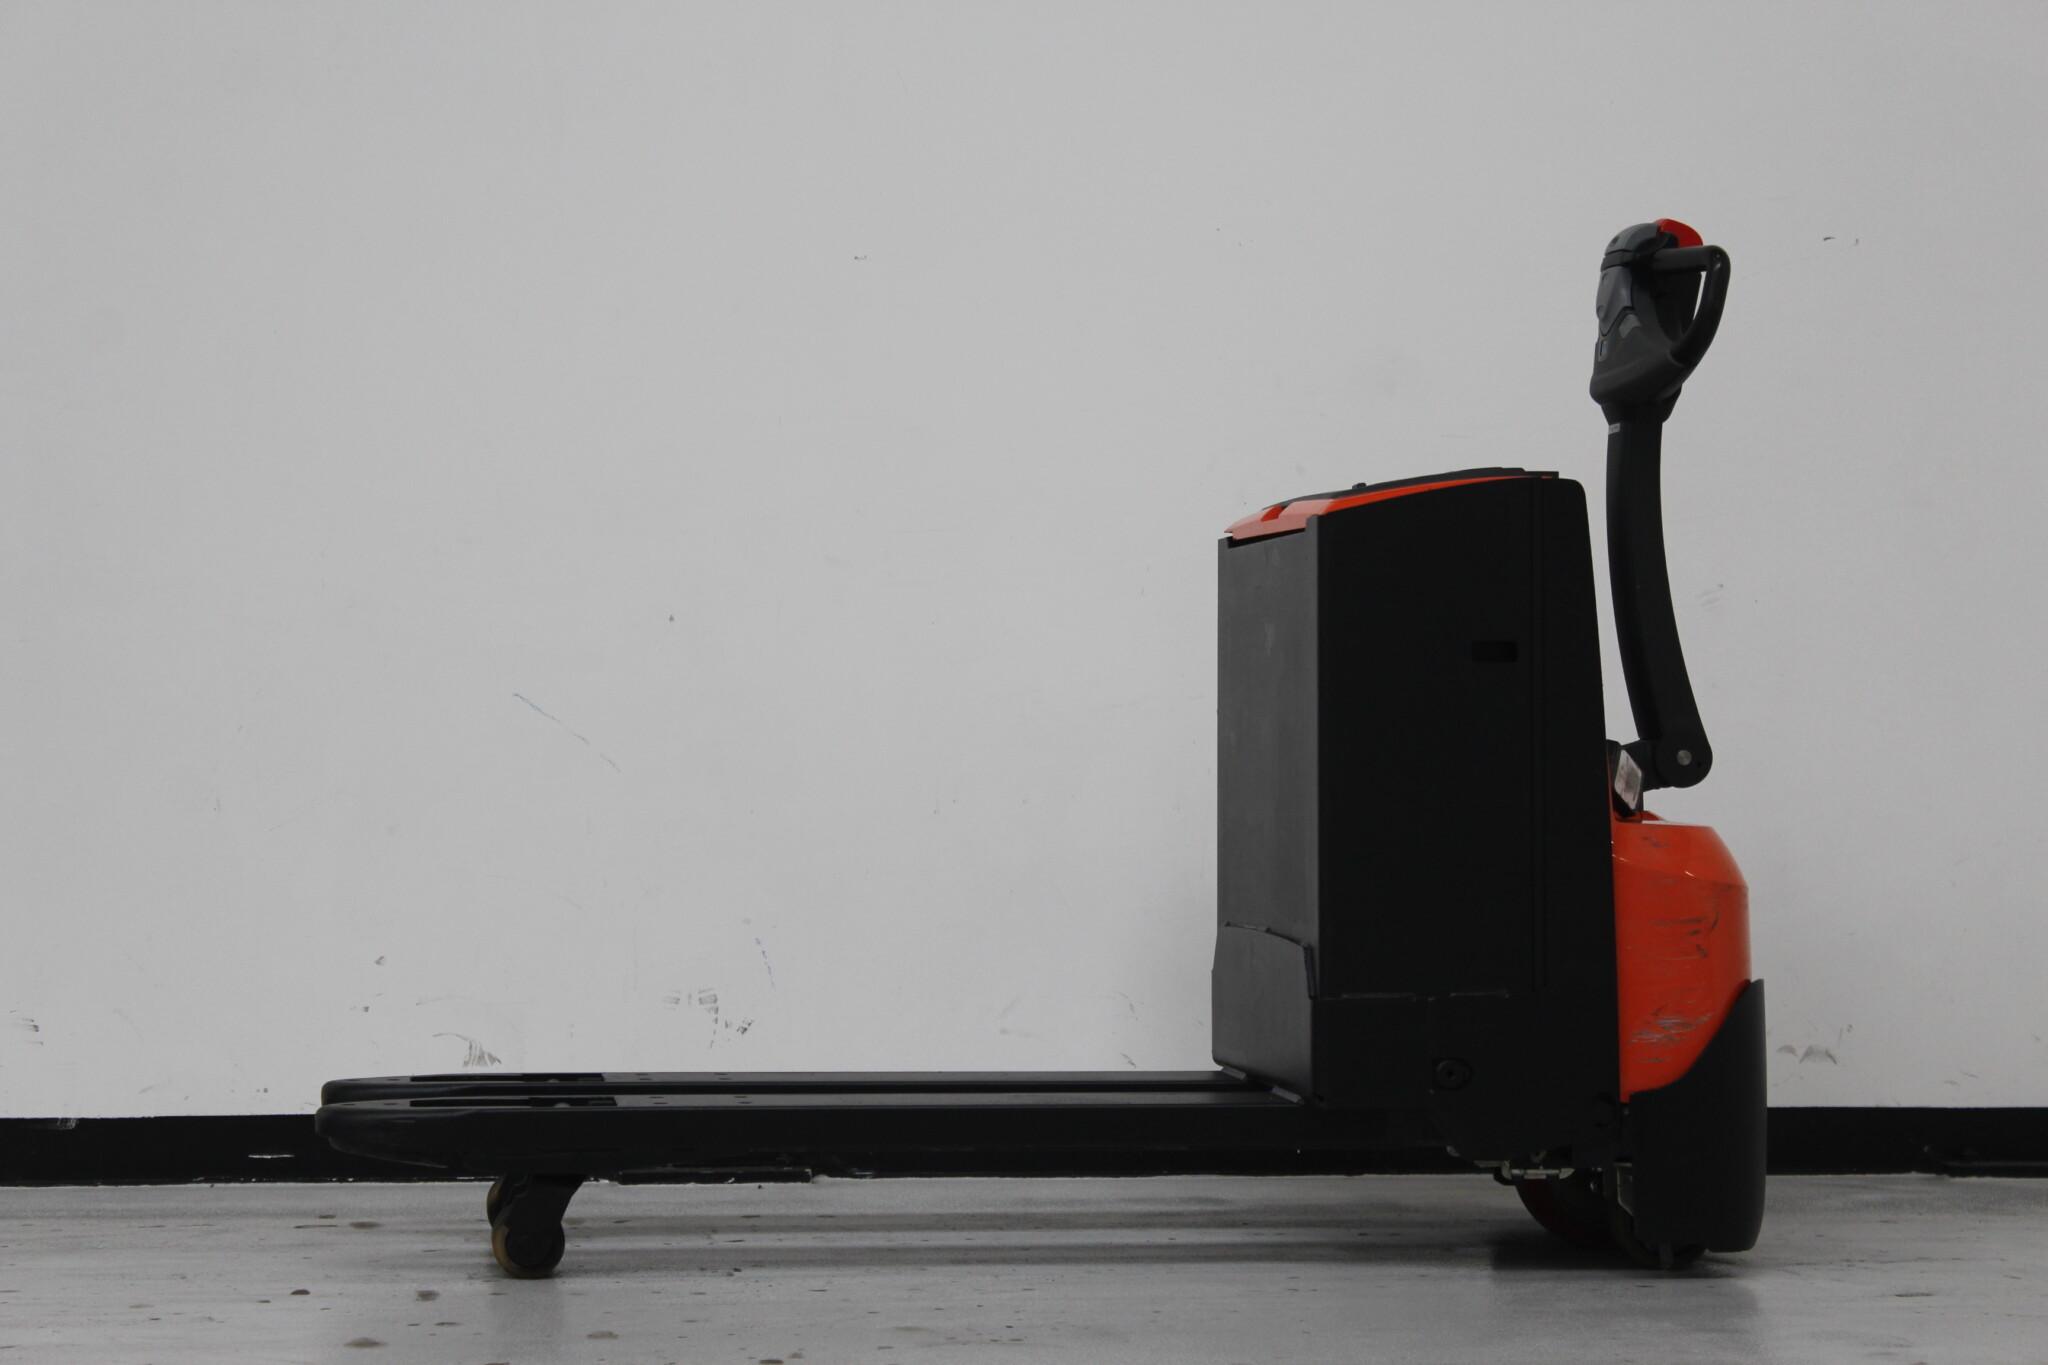 Toyota-Gabelstapler-59840 1611032098 1 scaled